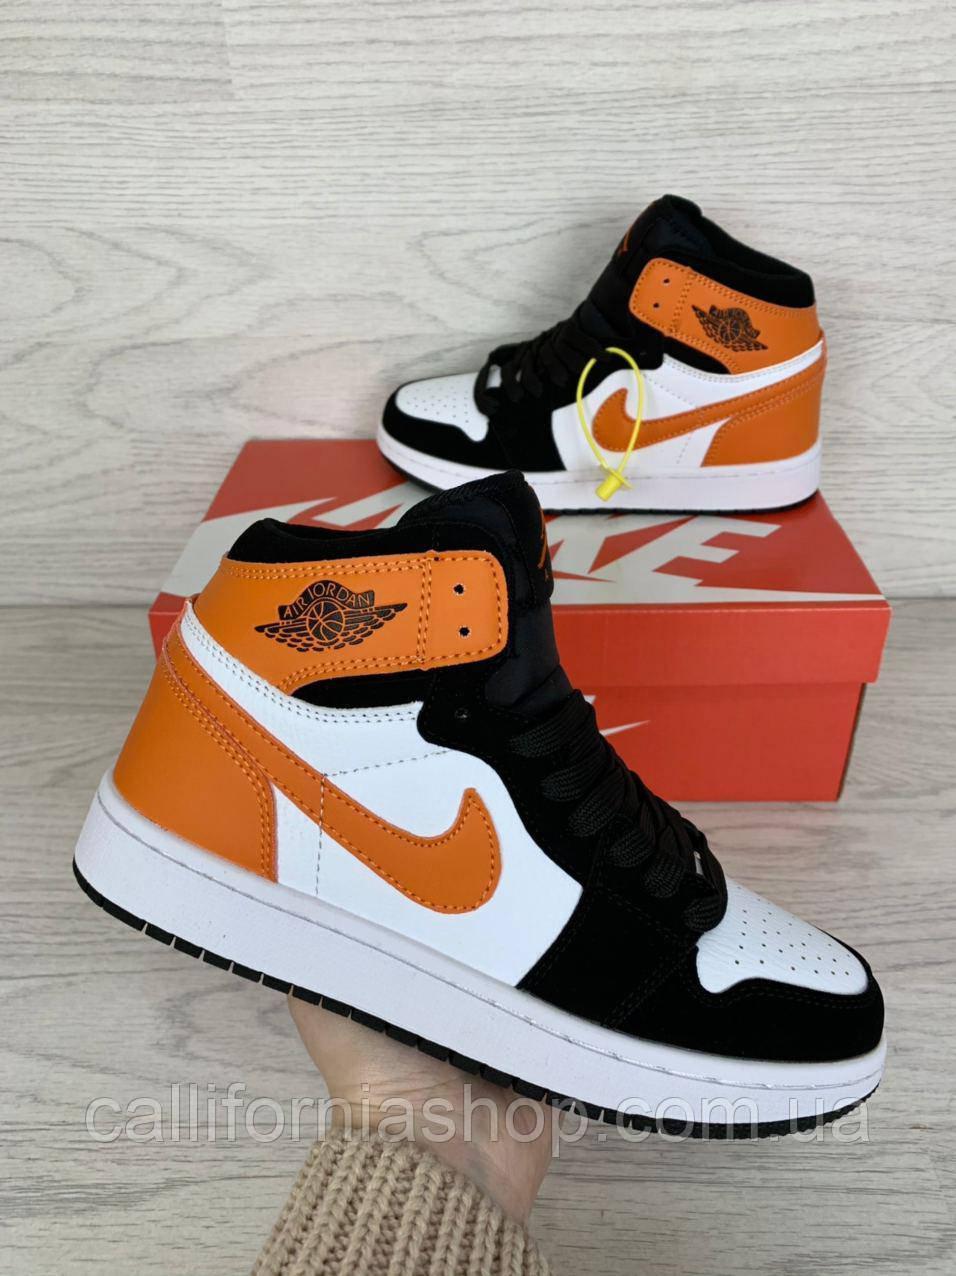 Кроссовки женские высокие Nike Air Jordan 1 Retro ( Найк Аир Джордан 1 Ретро ) цвет белый с оранжевым